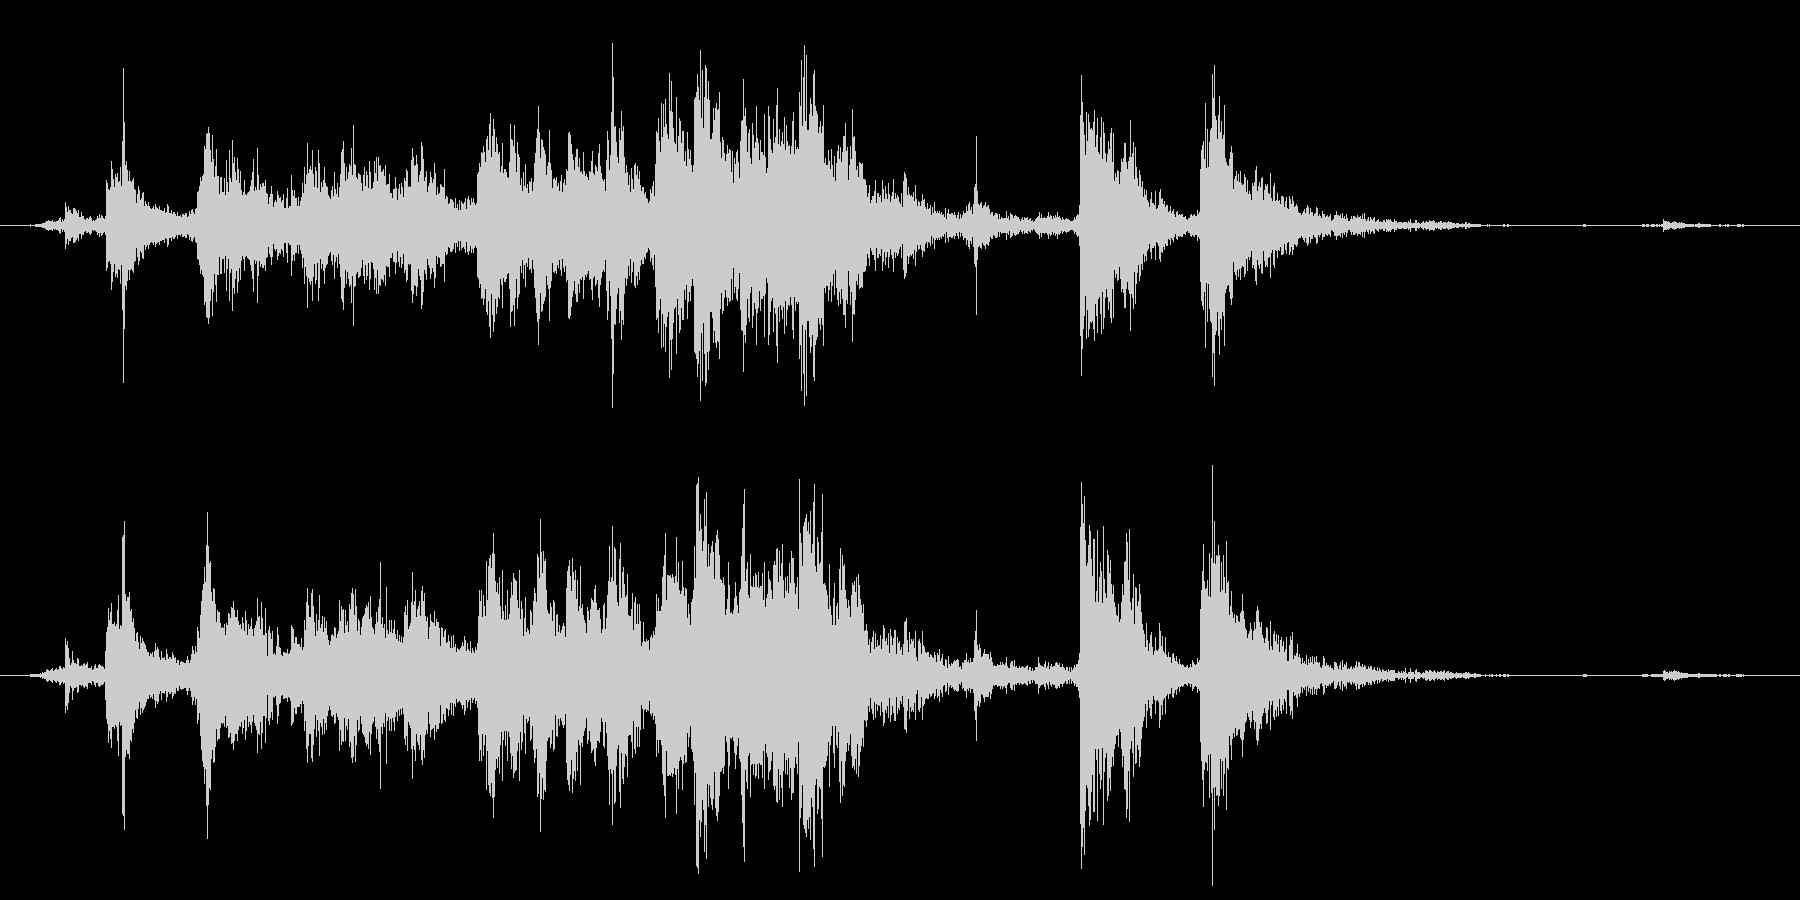 メタル クラッシュミディアム05の未再生の波形